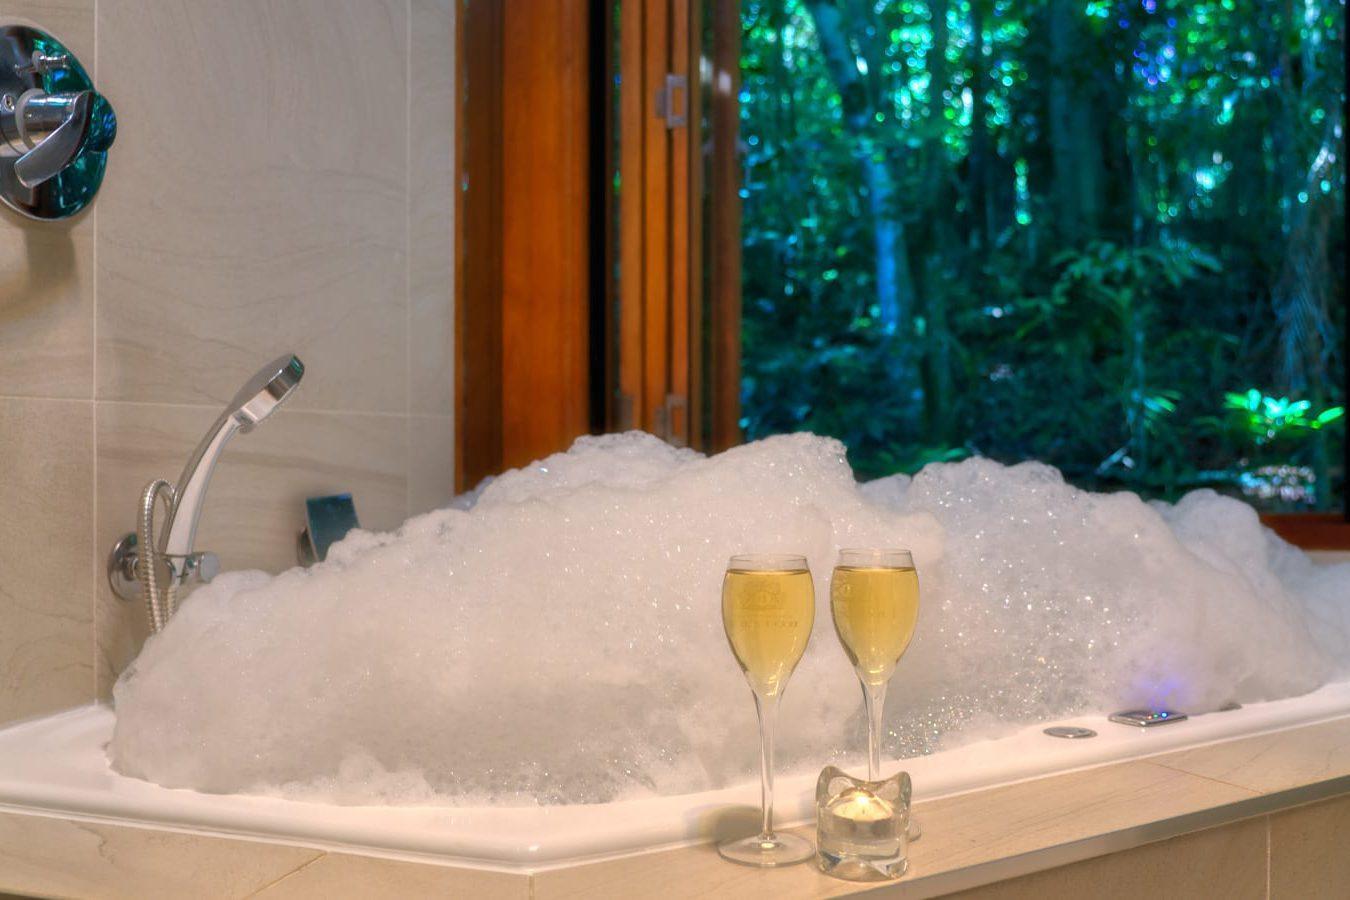 El hotel ofrece un baño de espuma con champán.